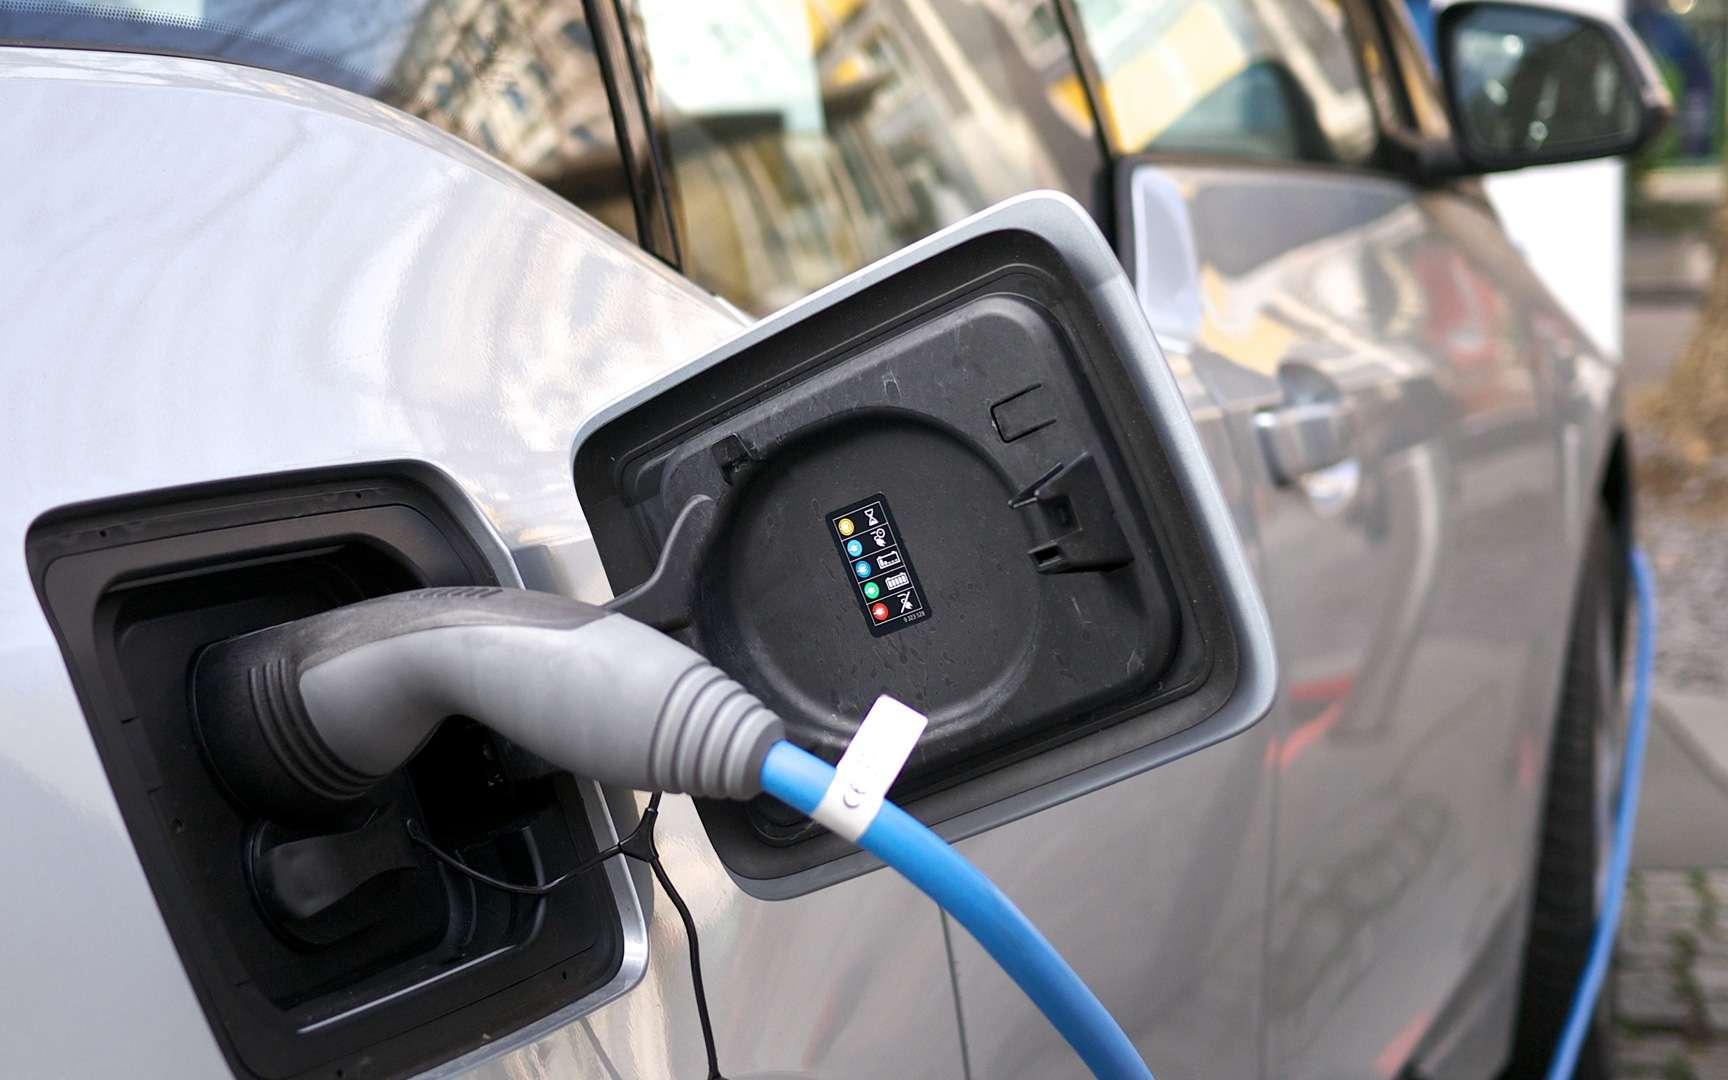 La charge d'une voiture électrique à domicile peut prendre jusqu'à 10 heures. Si elle est plus rapide sur une borne de recharge, faire le plein d'électricité reste pour l'instant beaucoup plus long que de réaliser le plein d'essence. © Bouygues